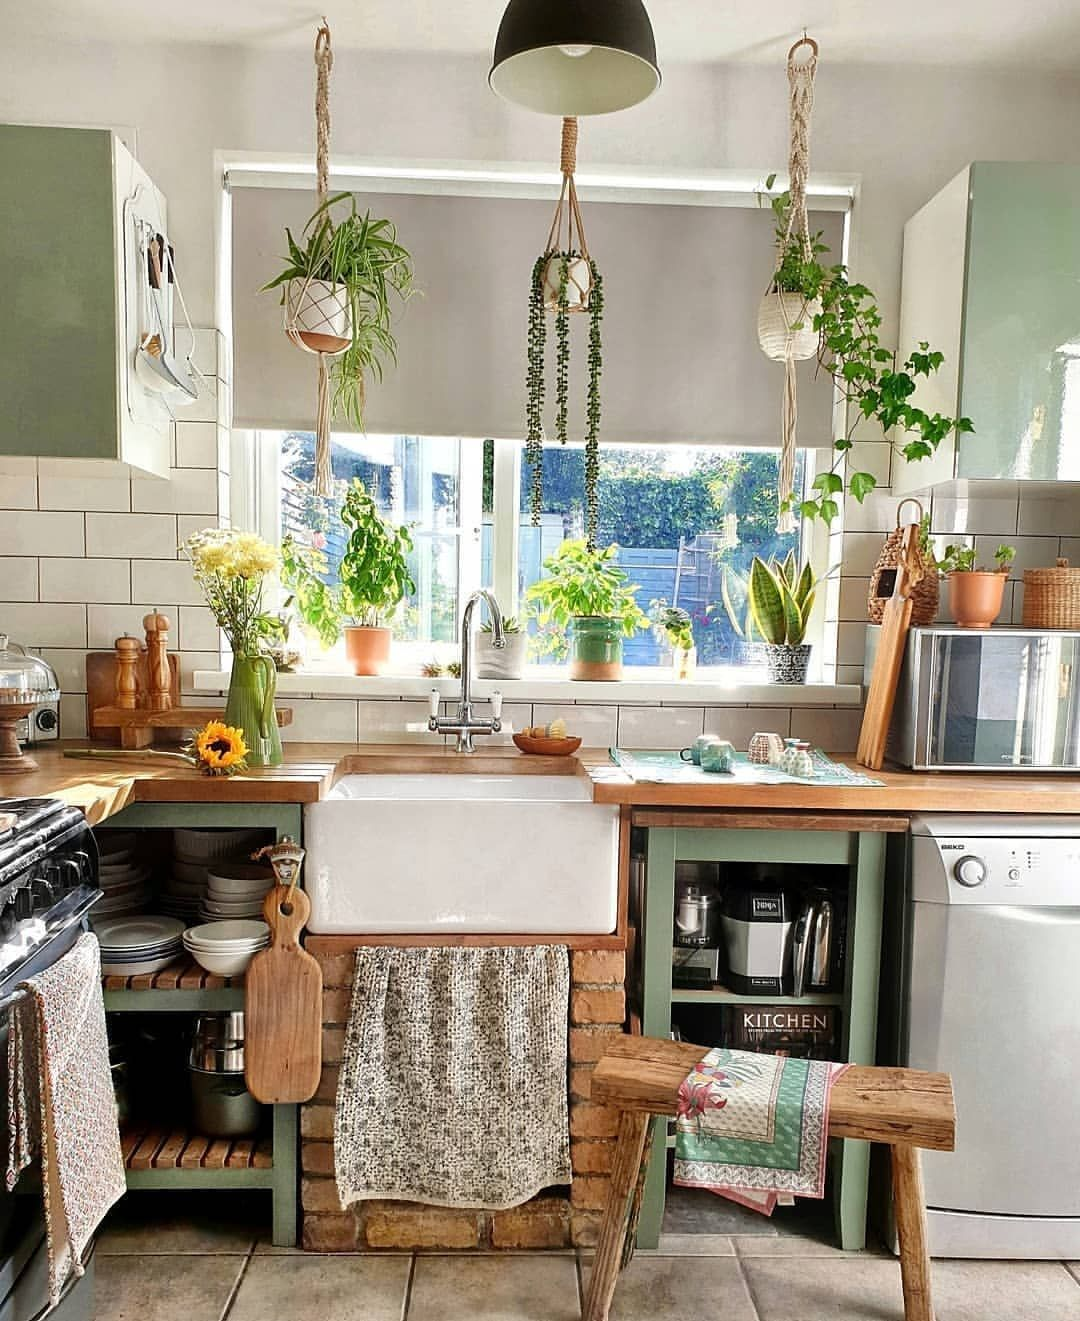 Pin auf Kitchens